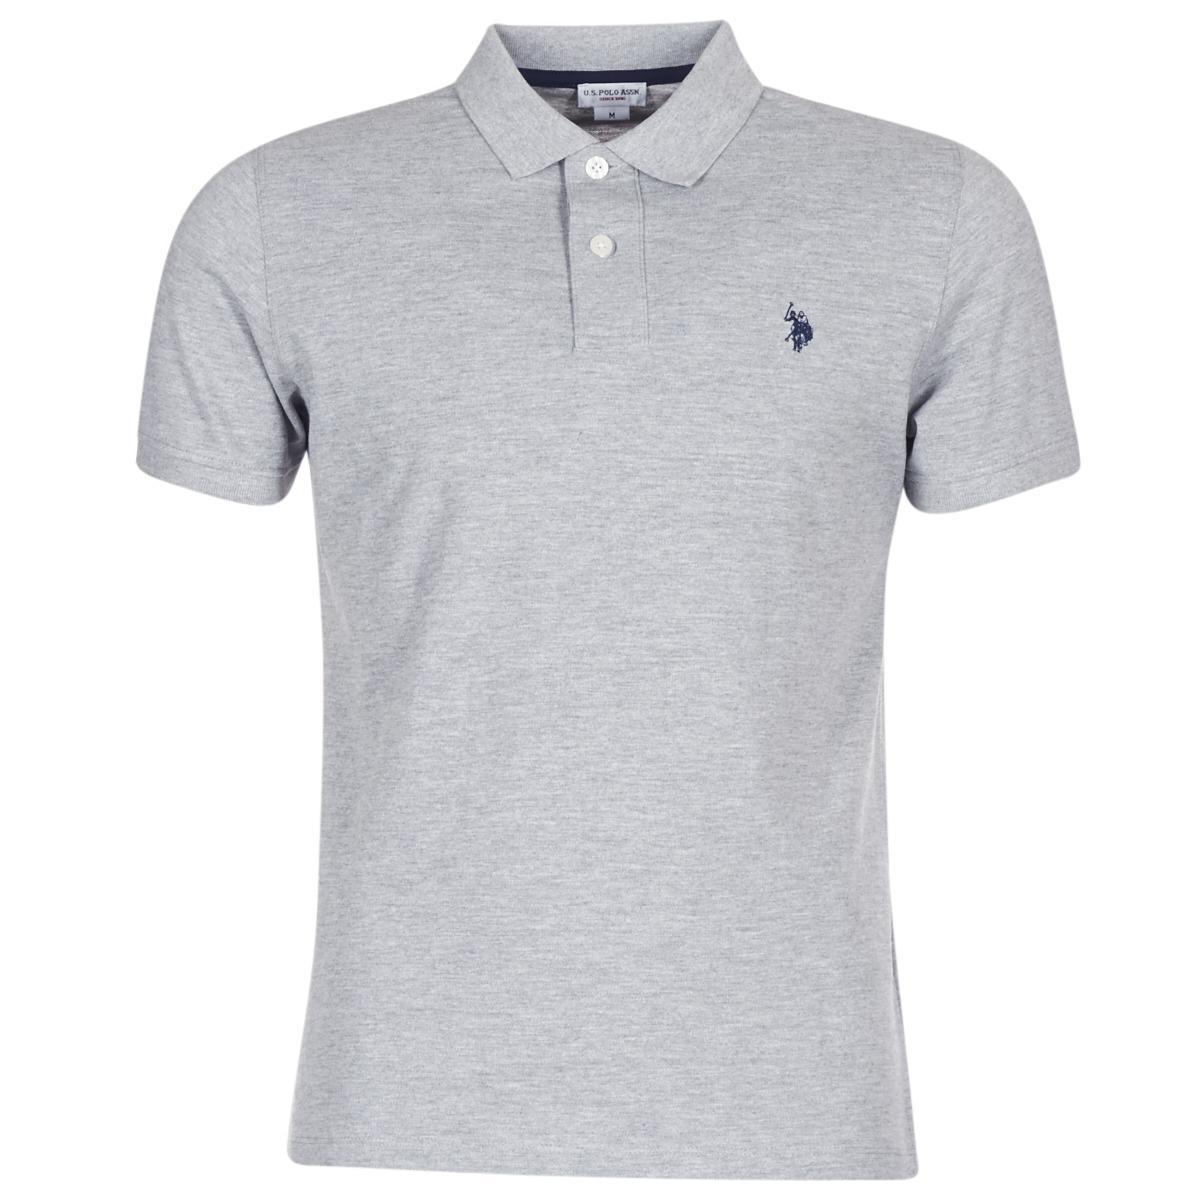 01379e25 U.S. POLO ASSN. Institutional Polo Men's Polo Shirt In Grey in Gray ...